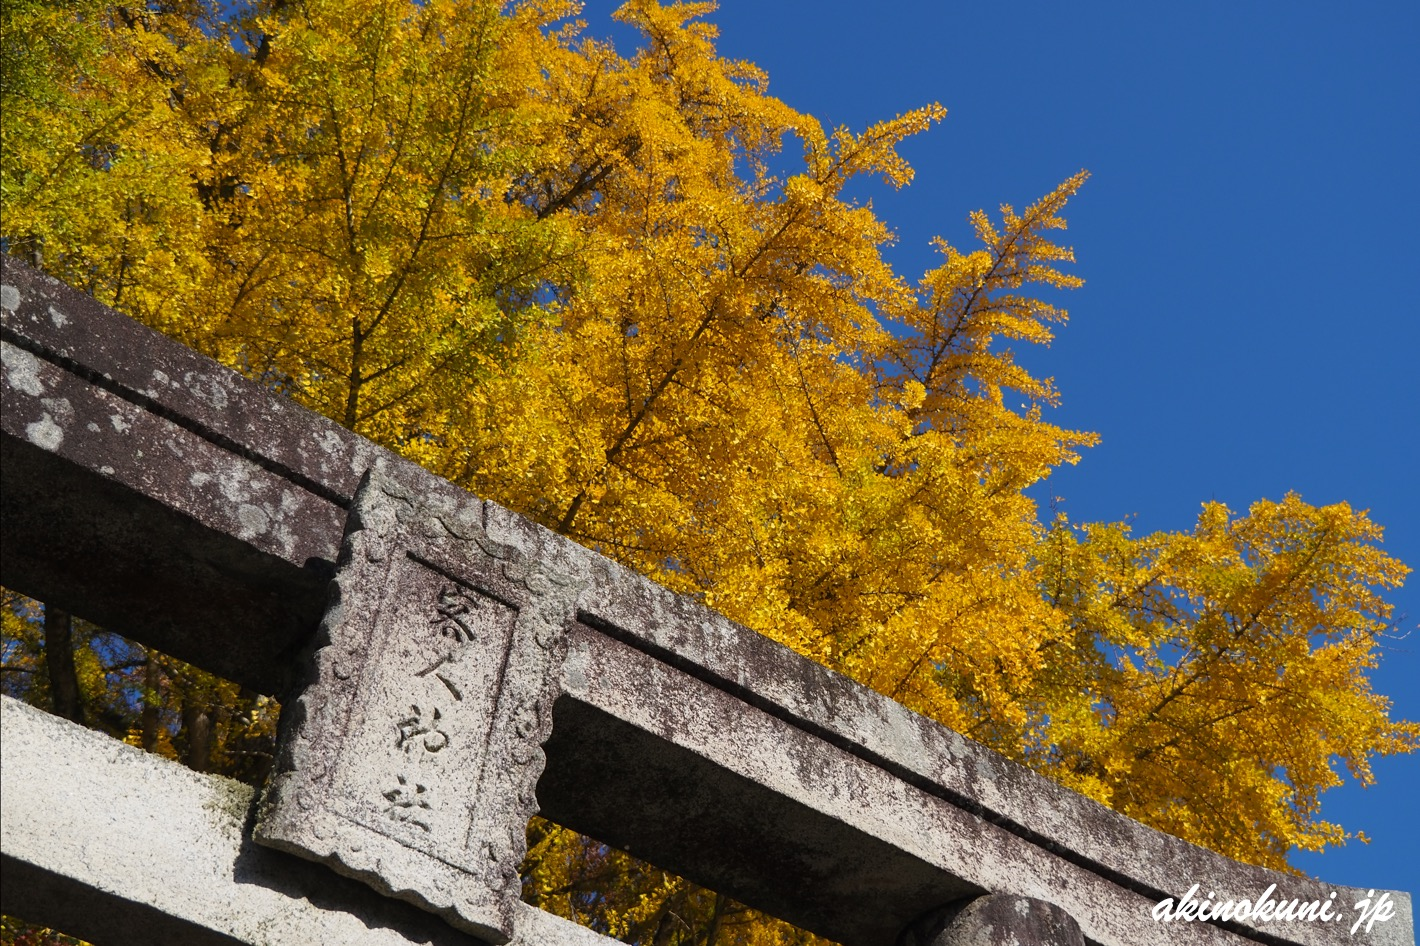 客人神社 鳥居と銀杏